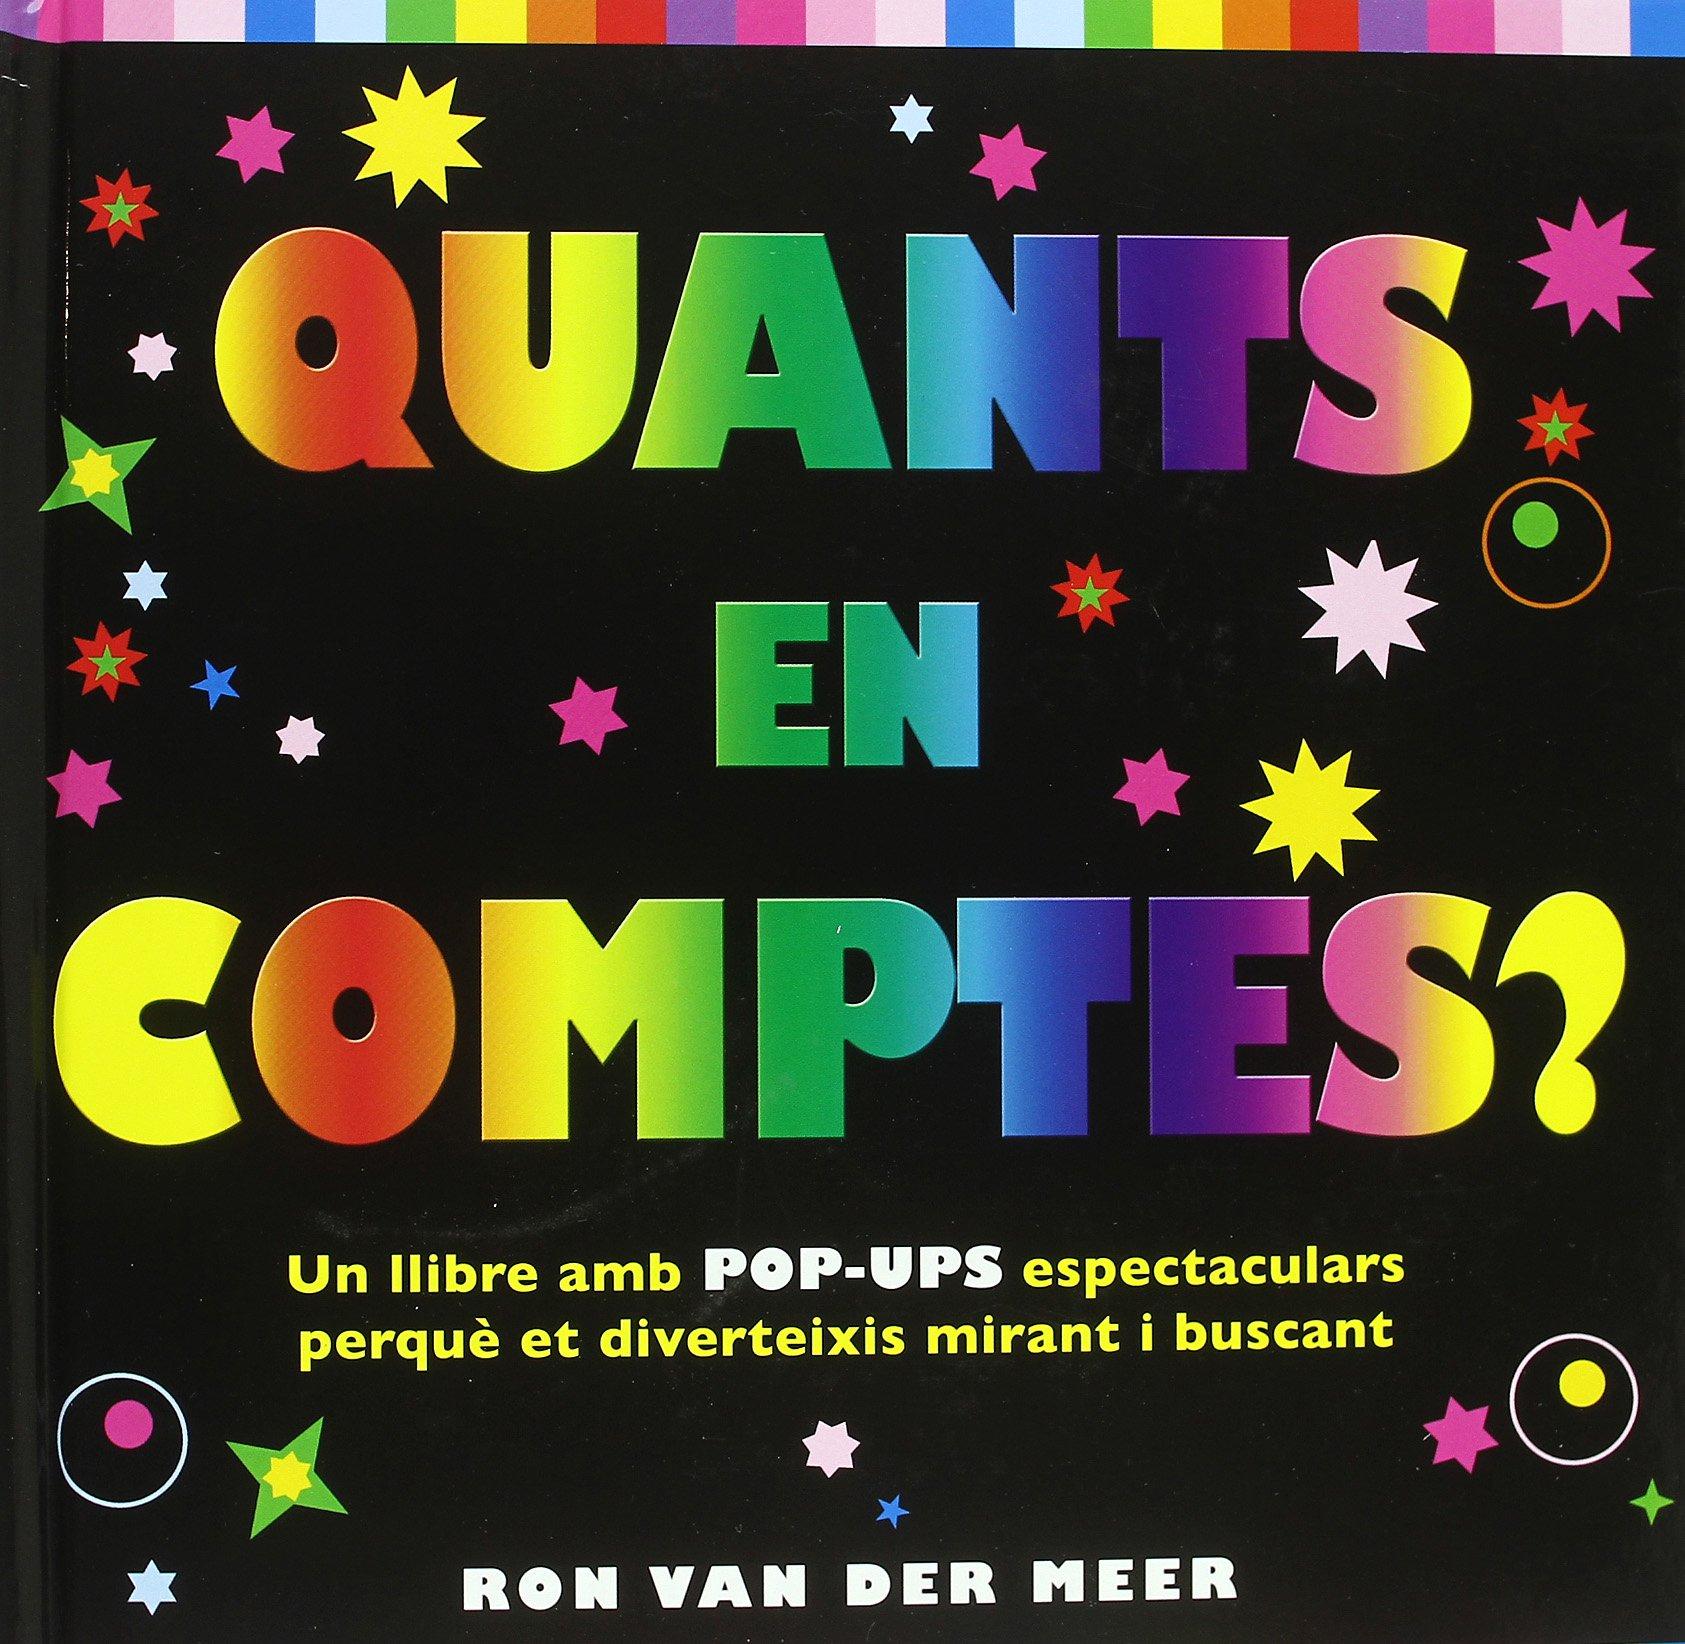 Quants en comptes?: Amazon.es: Van der Meer, Ron, Van der ...